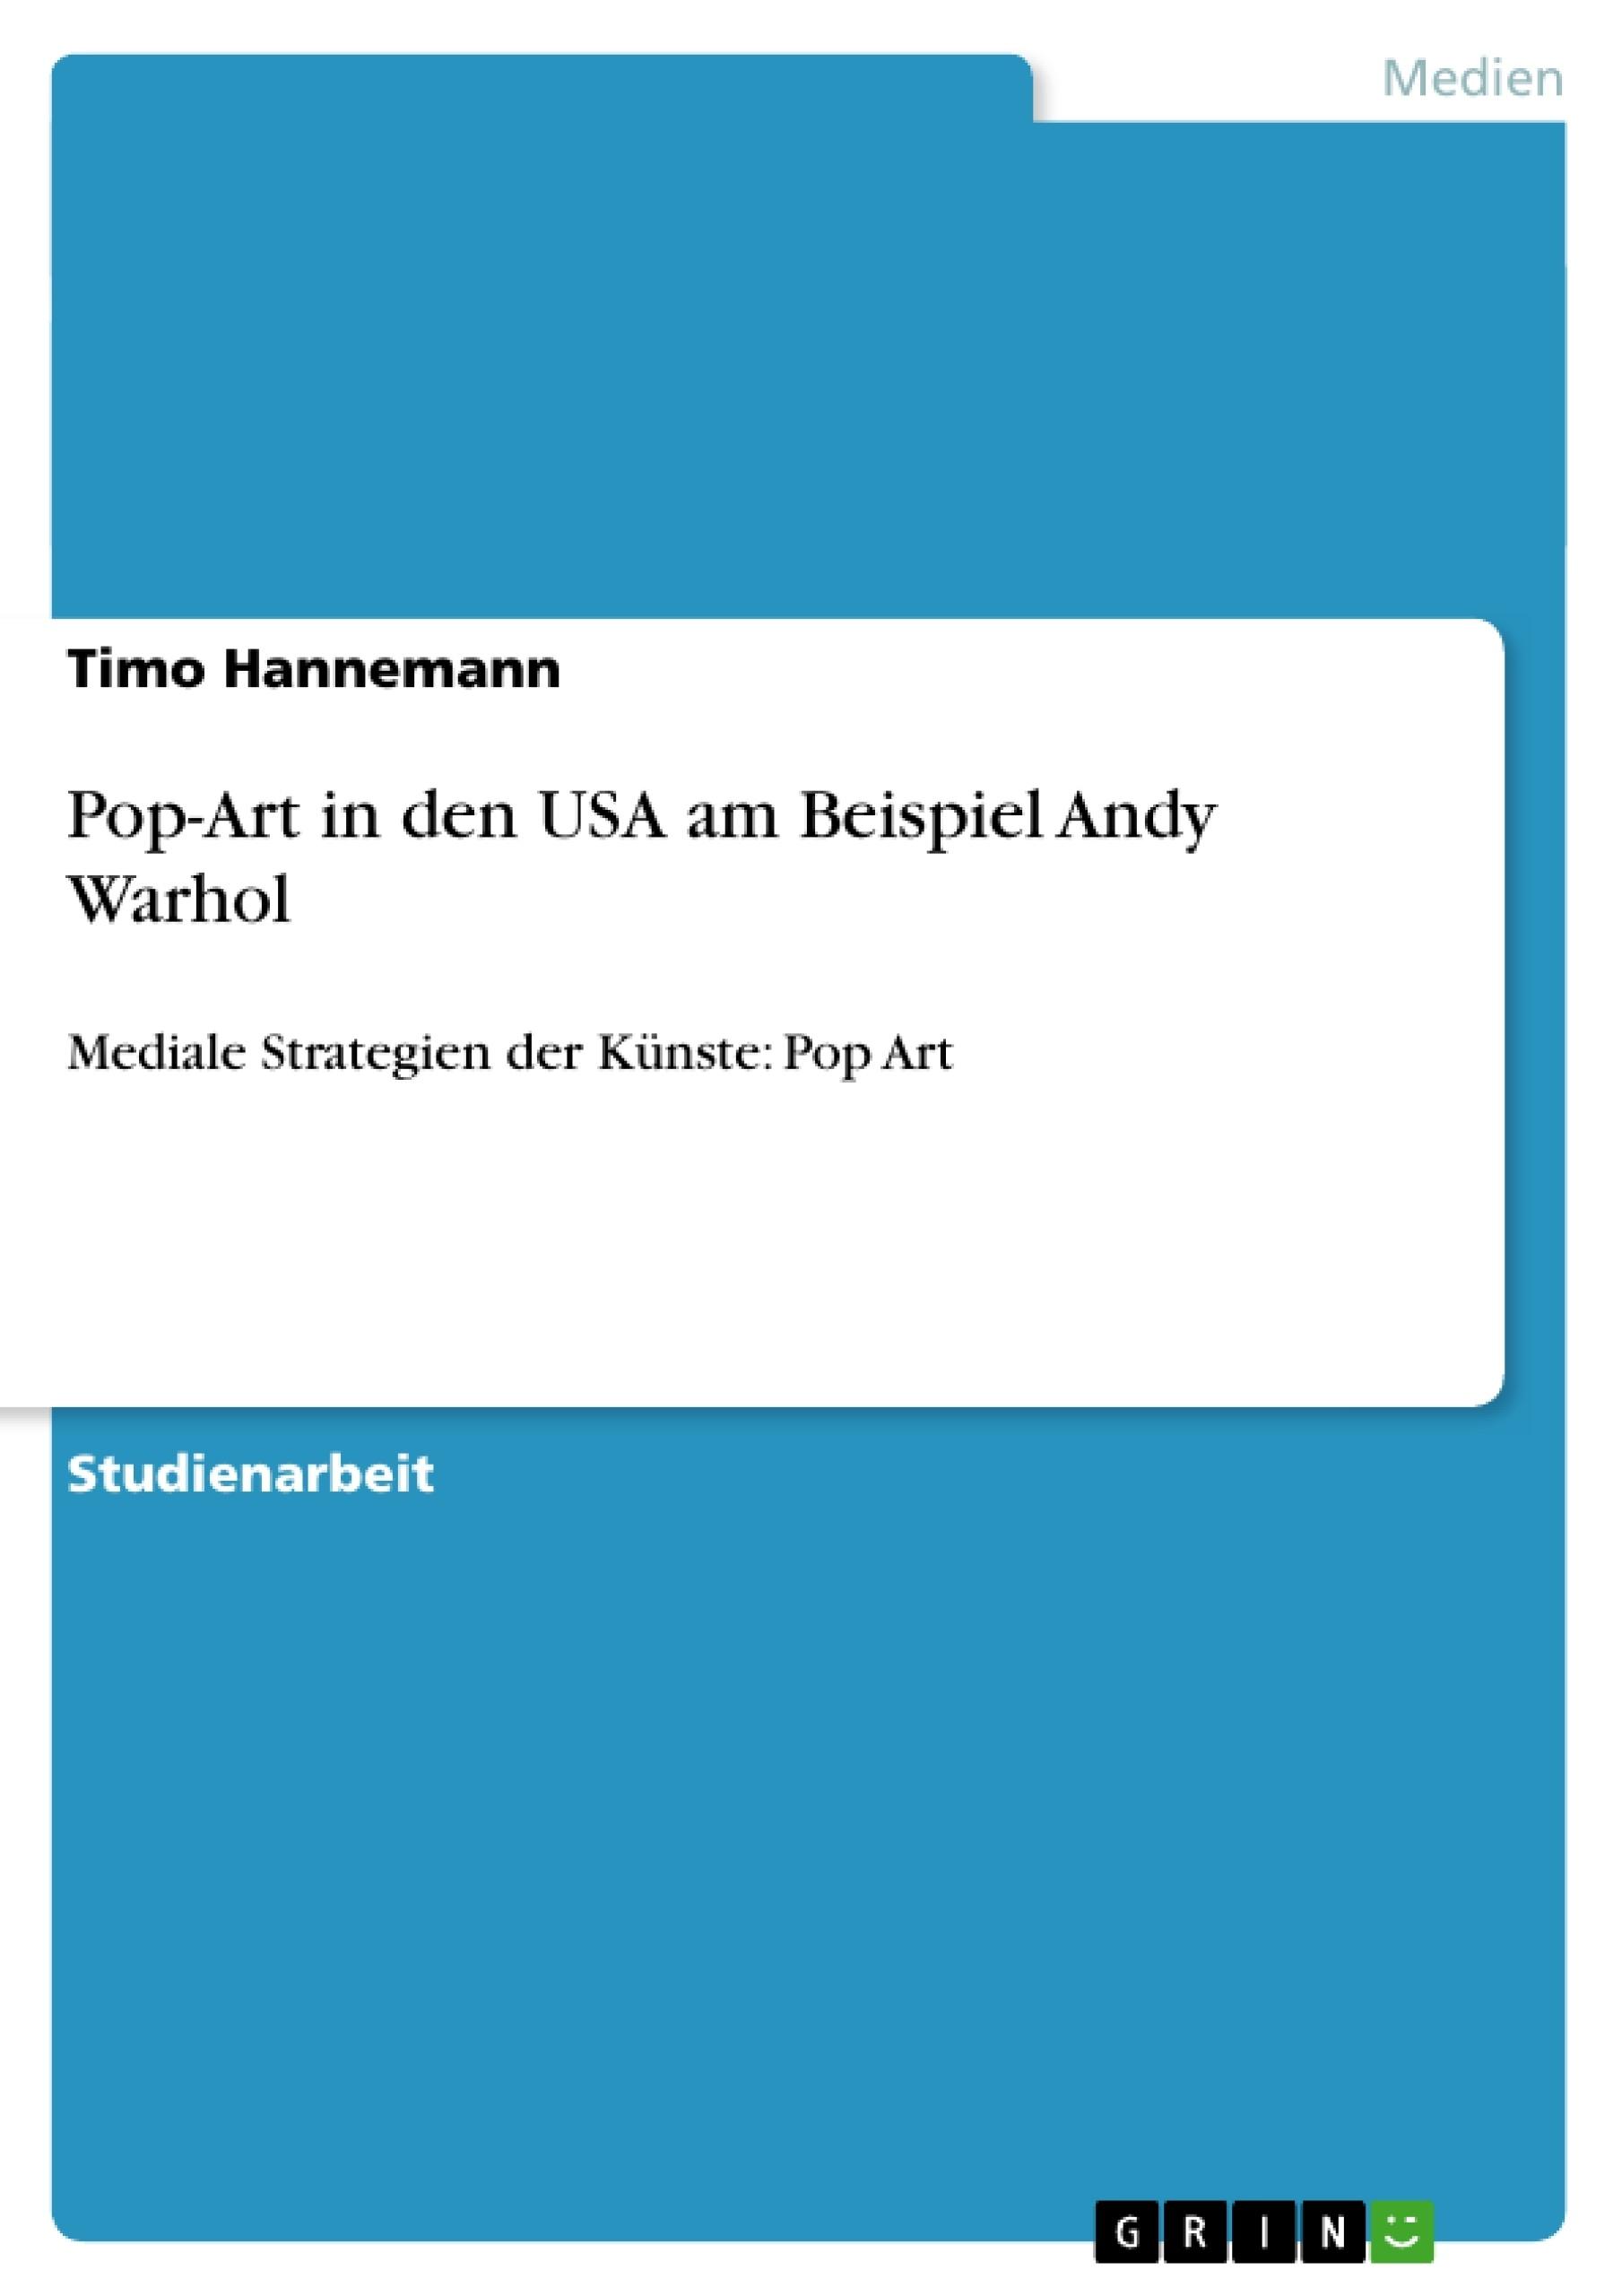 Titel: Pop-Art in den USA am Beispiel Andy Warhol